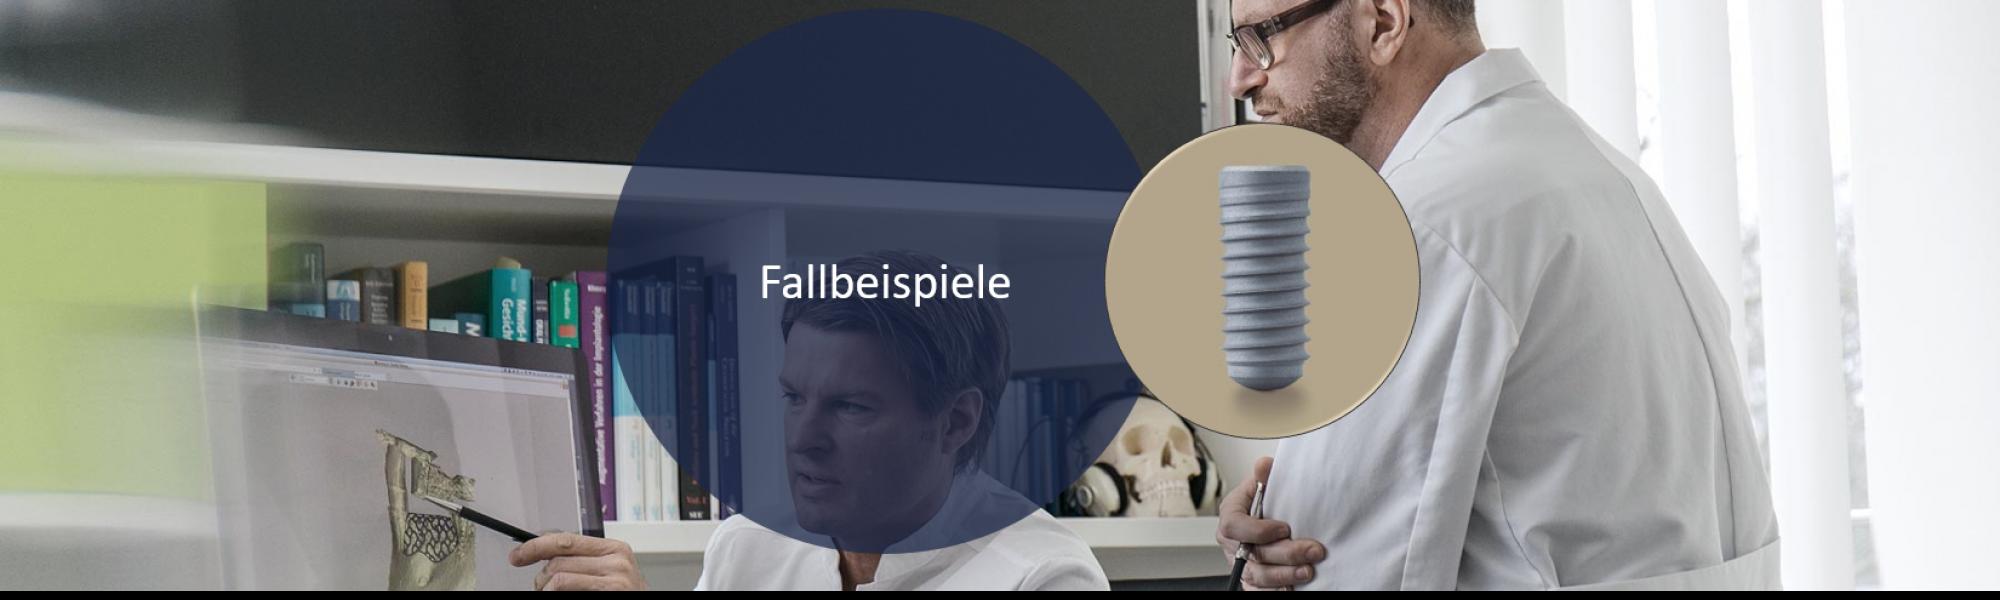 Fallbeispiele zur Implantologie von Groisman & Laube in Frankfurt